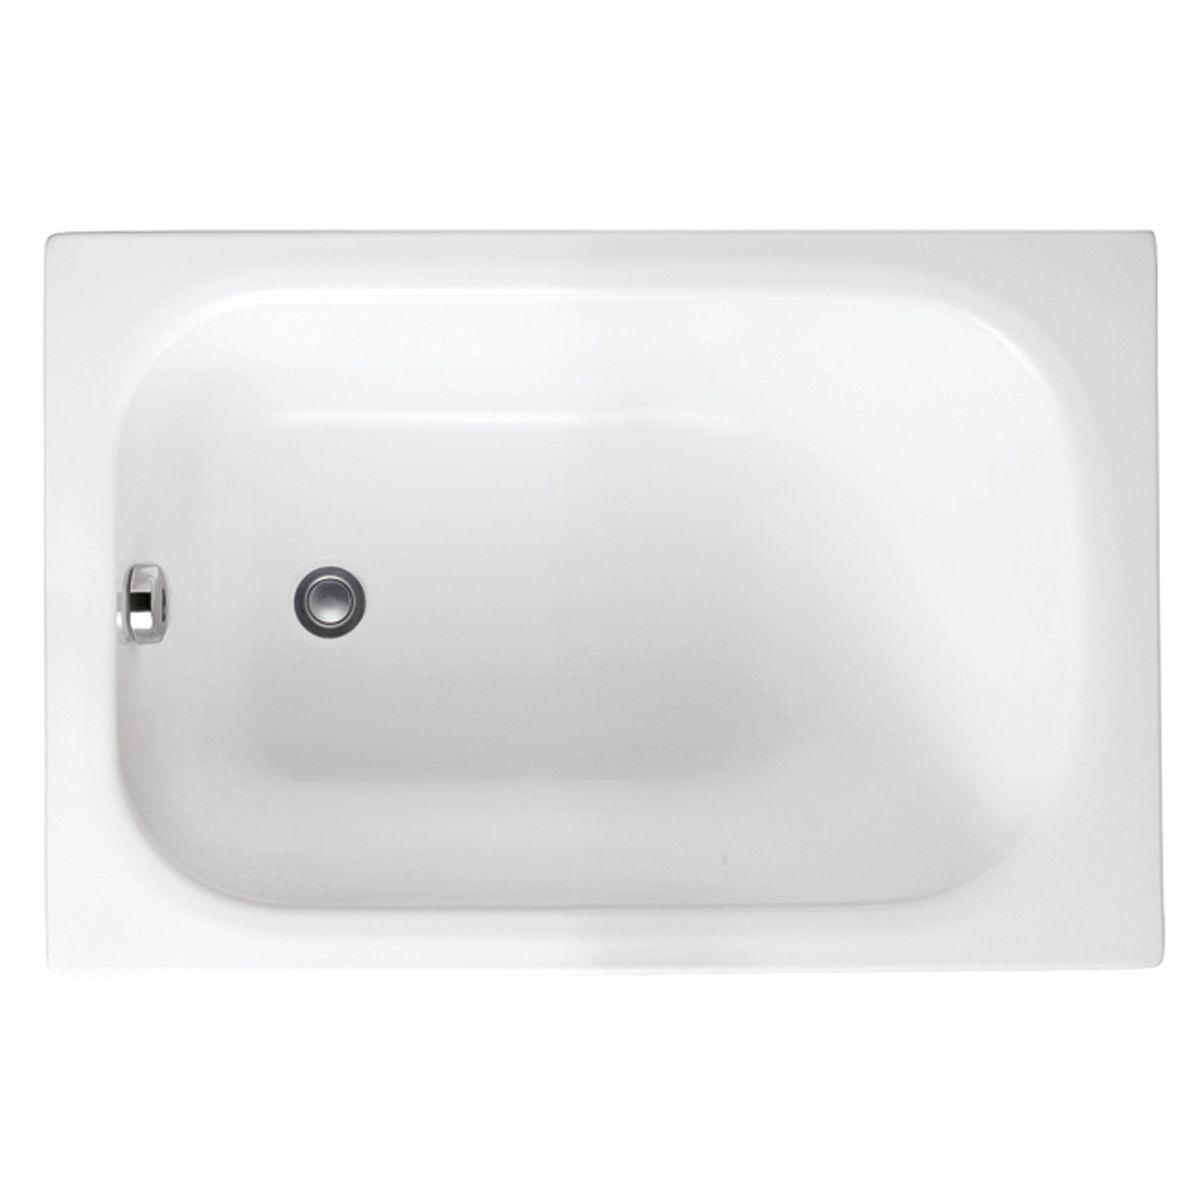 Vasche ad angolo prezzi vasca da bagno con piedini - Vasche da bagno piccole con seduta ...